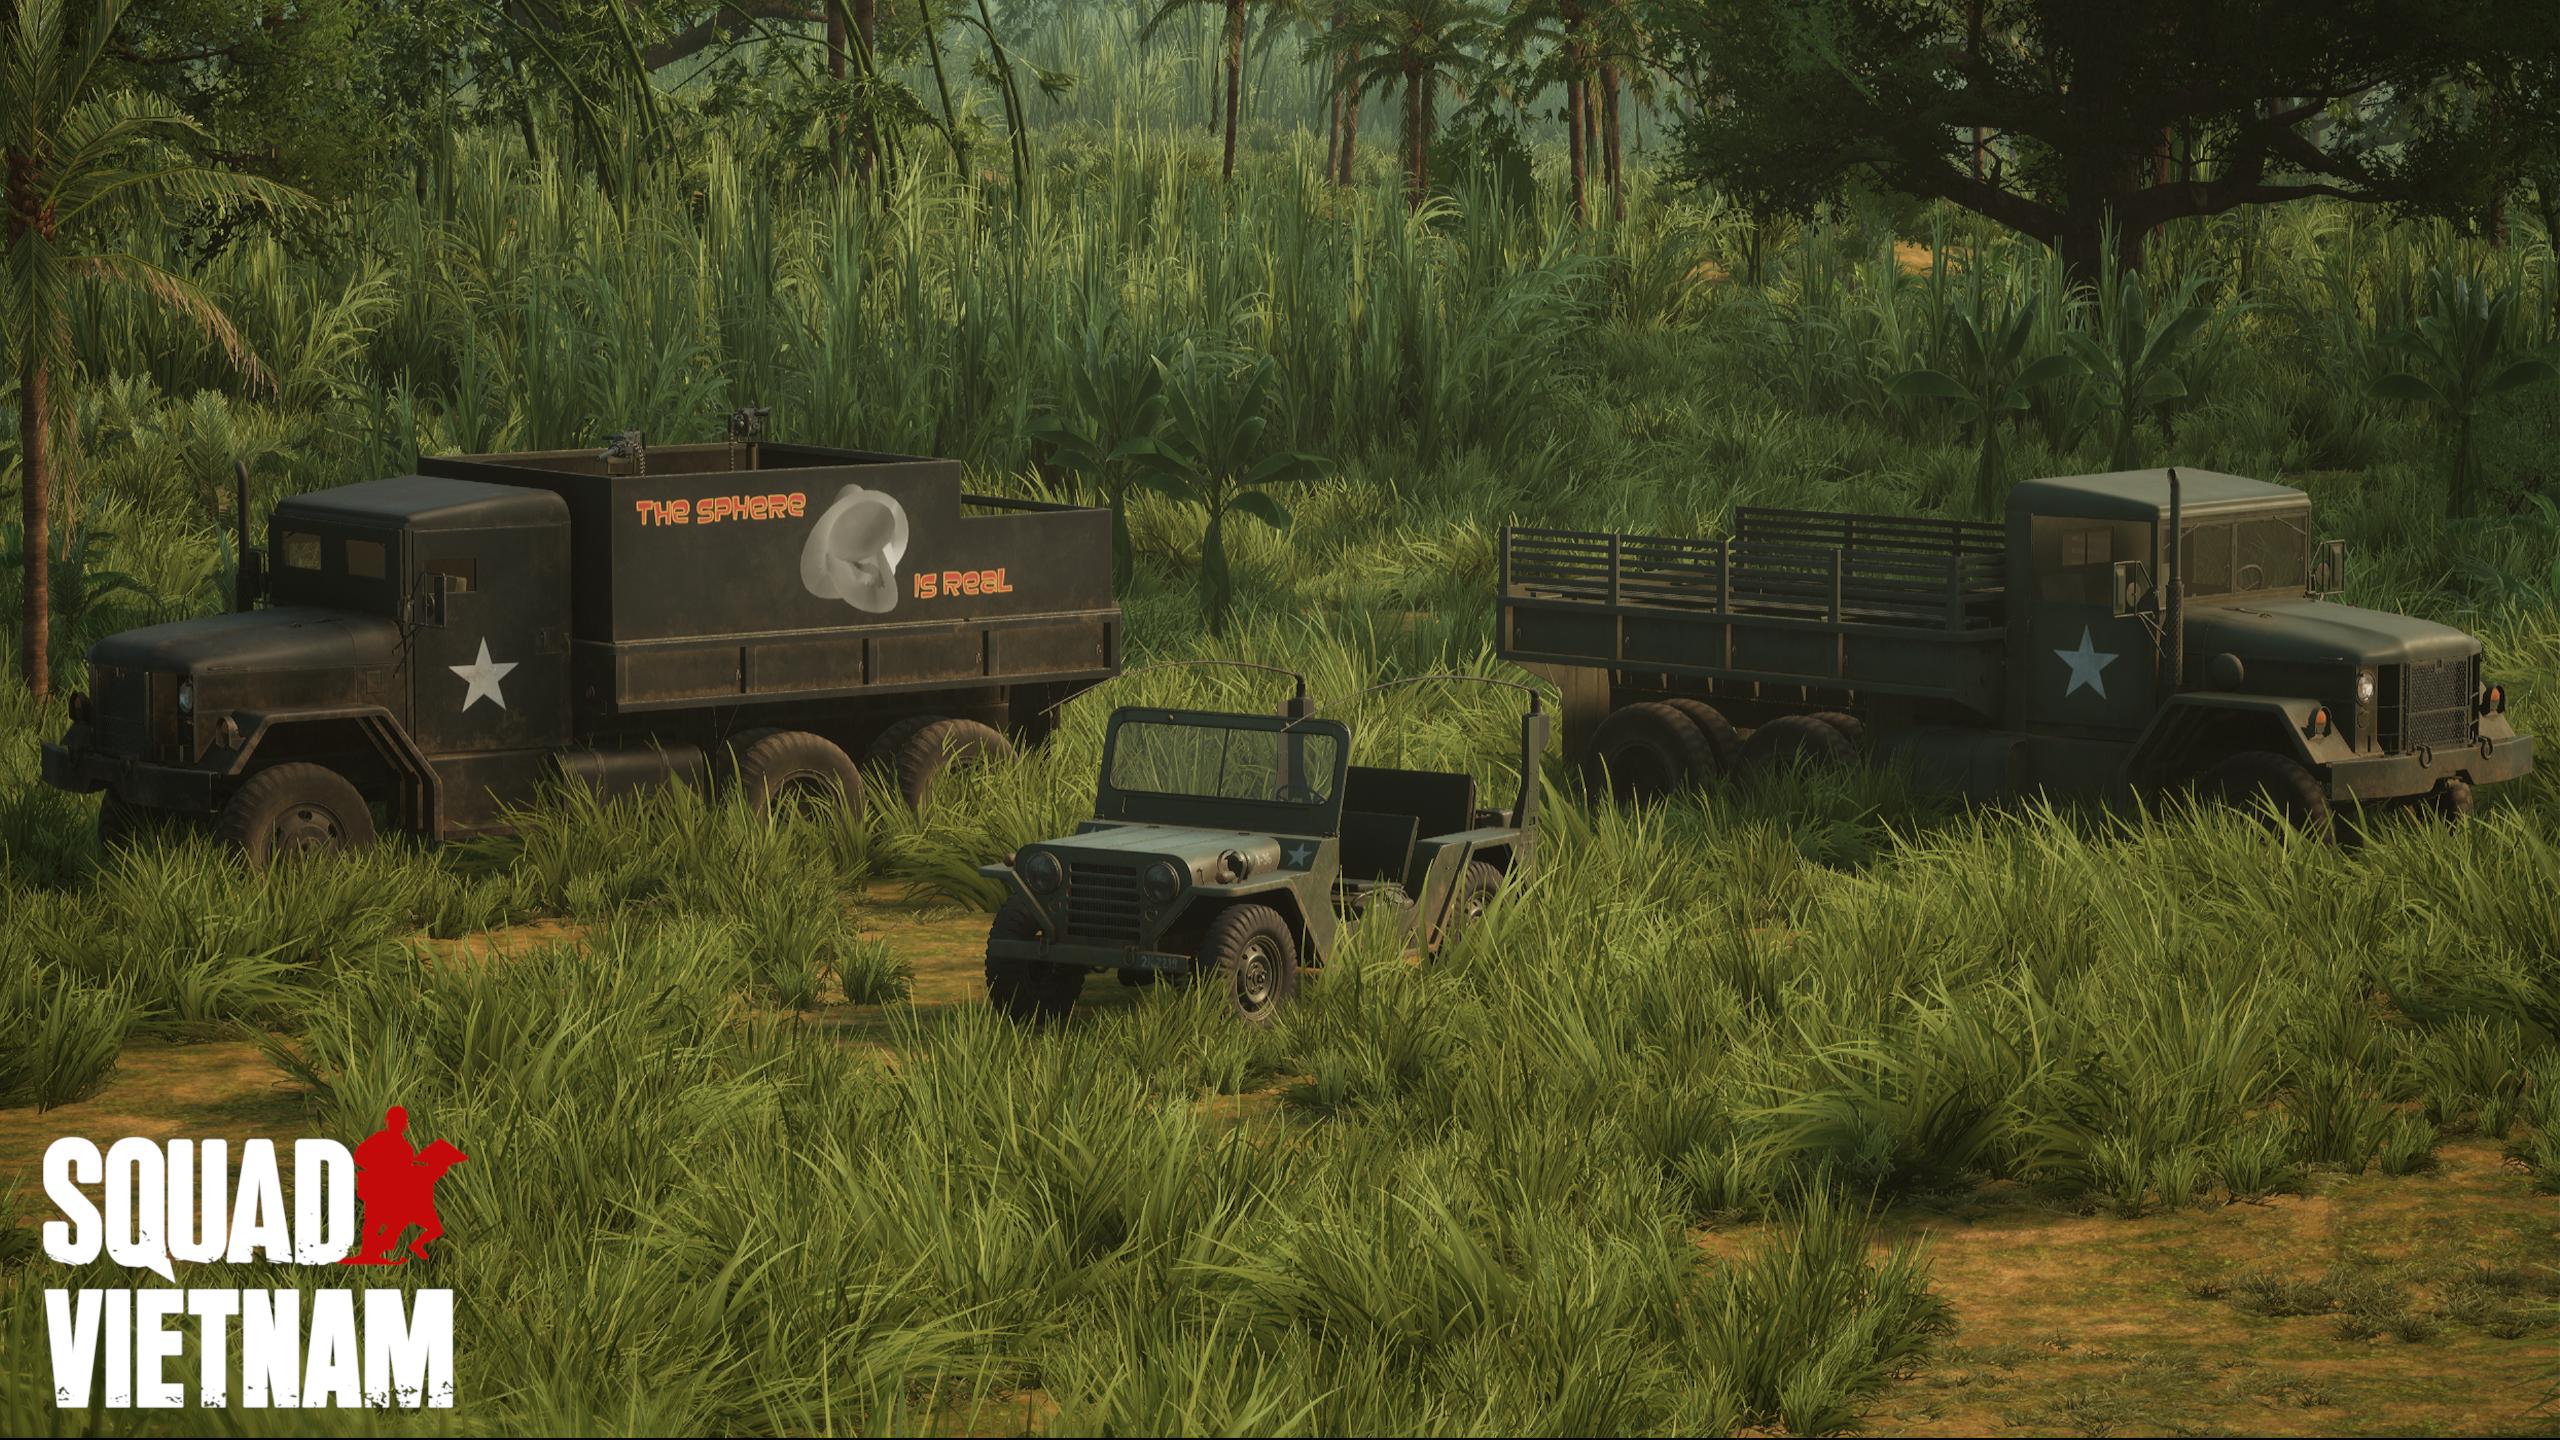 Vietnam3.png